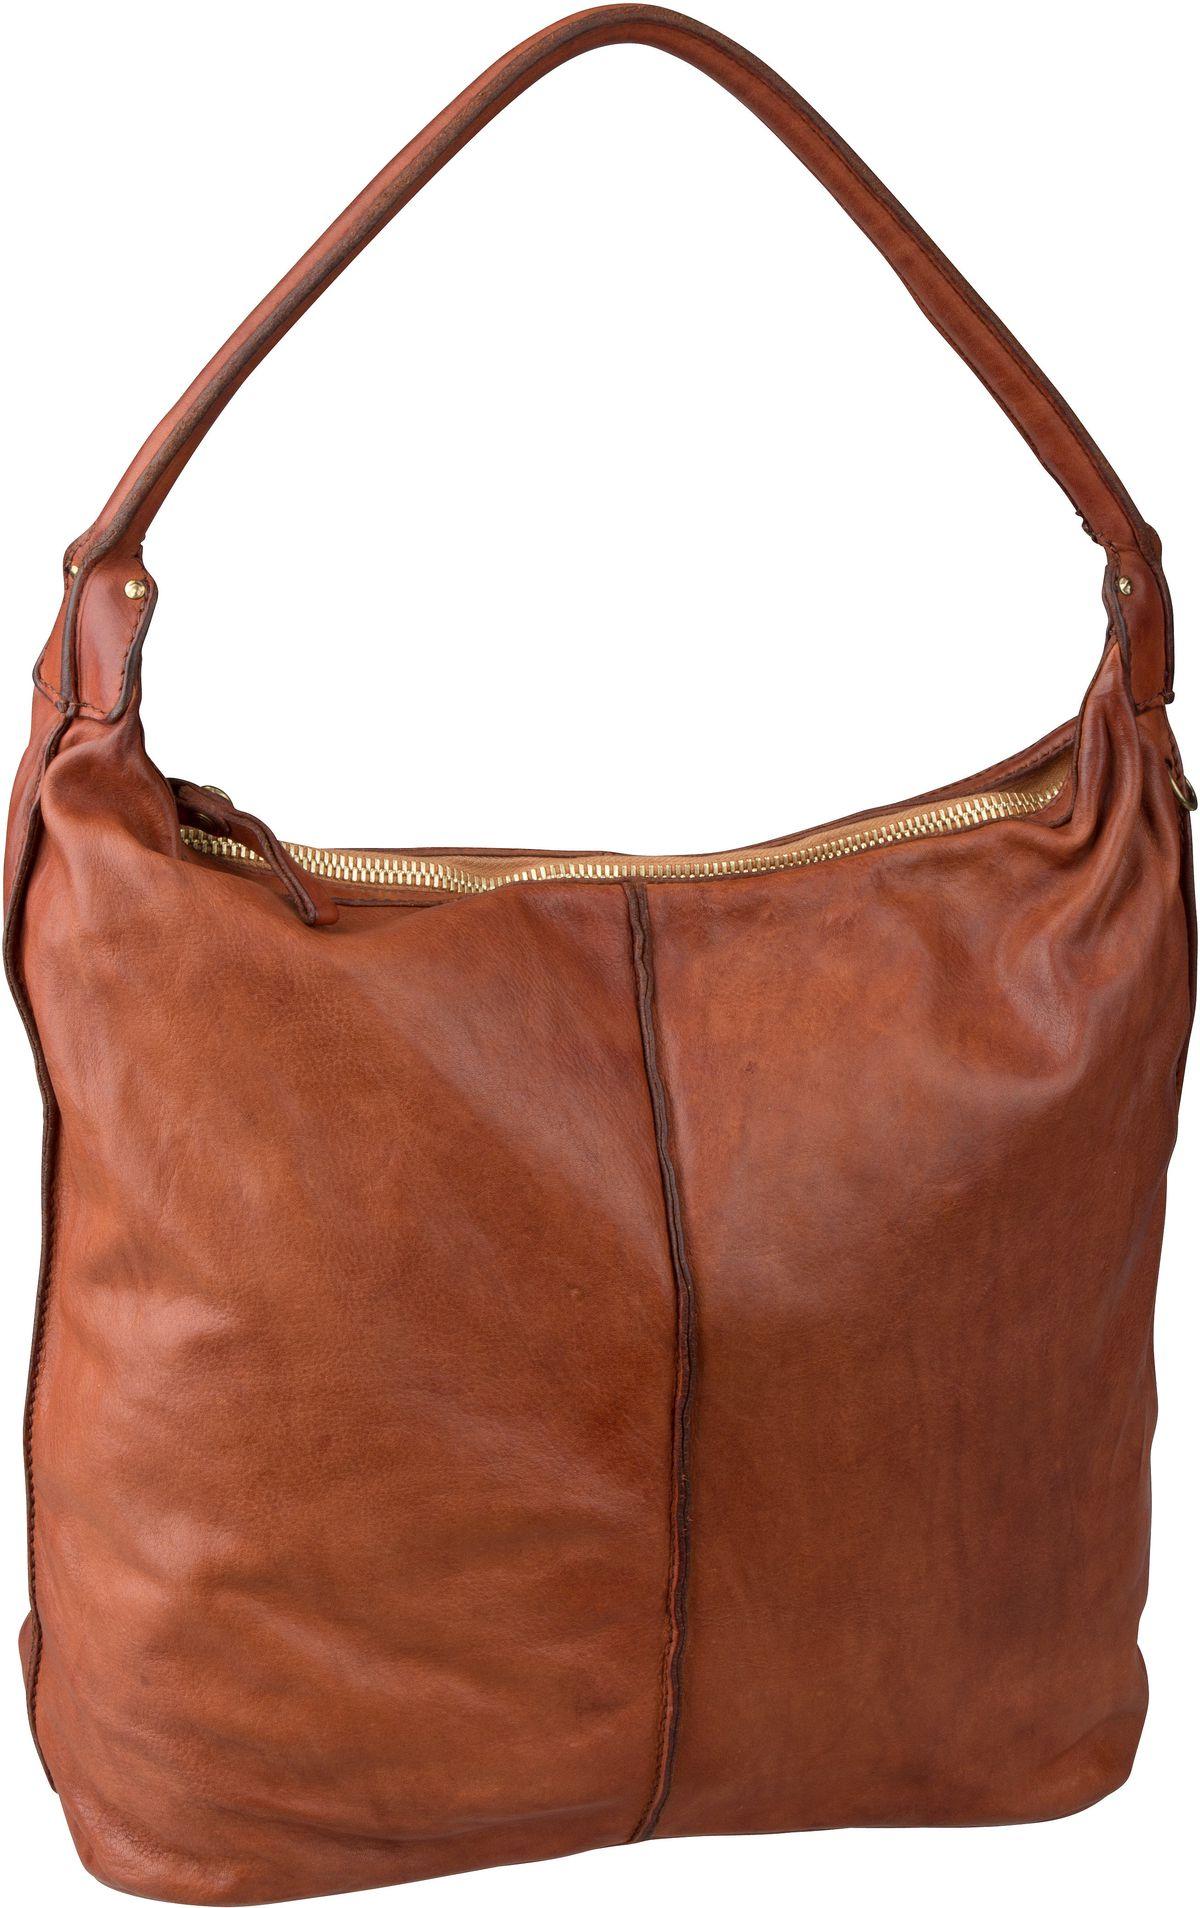 Handtasche Asteria C16370 Cognac